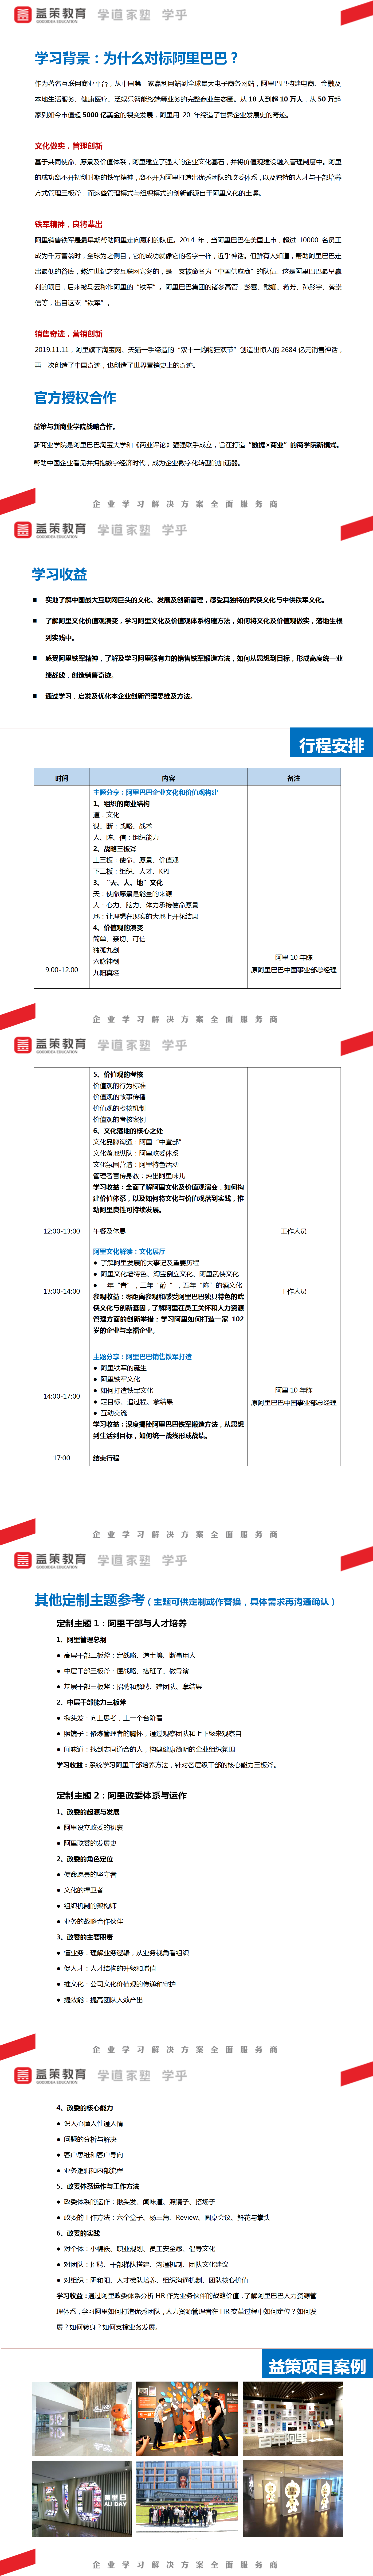 阿里巴巴实战赋能班-西溪园区方案参考(学乎网).png